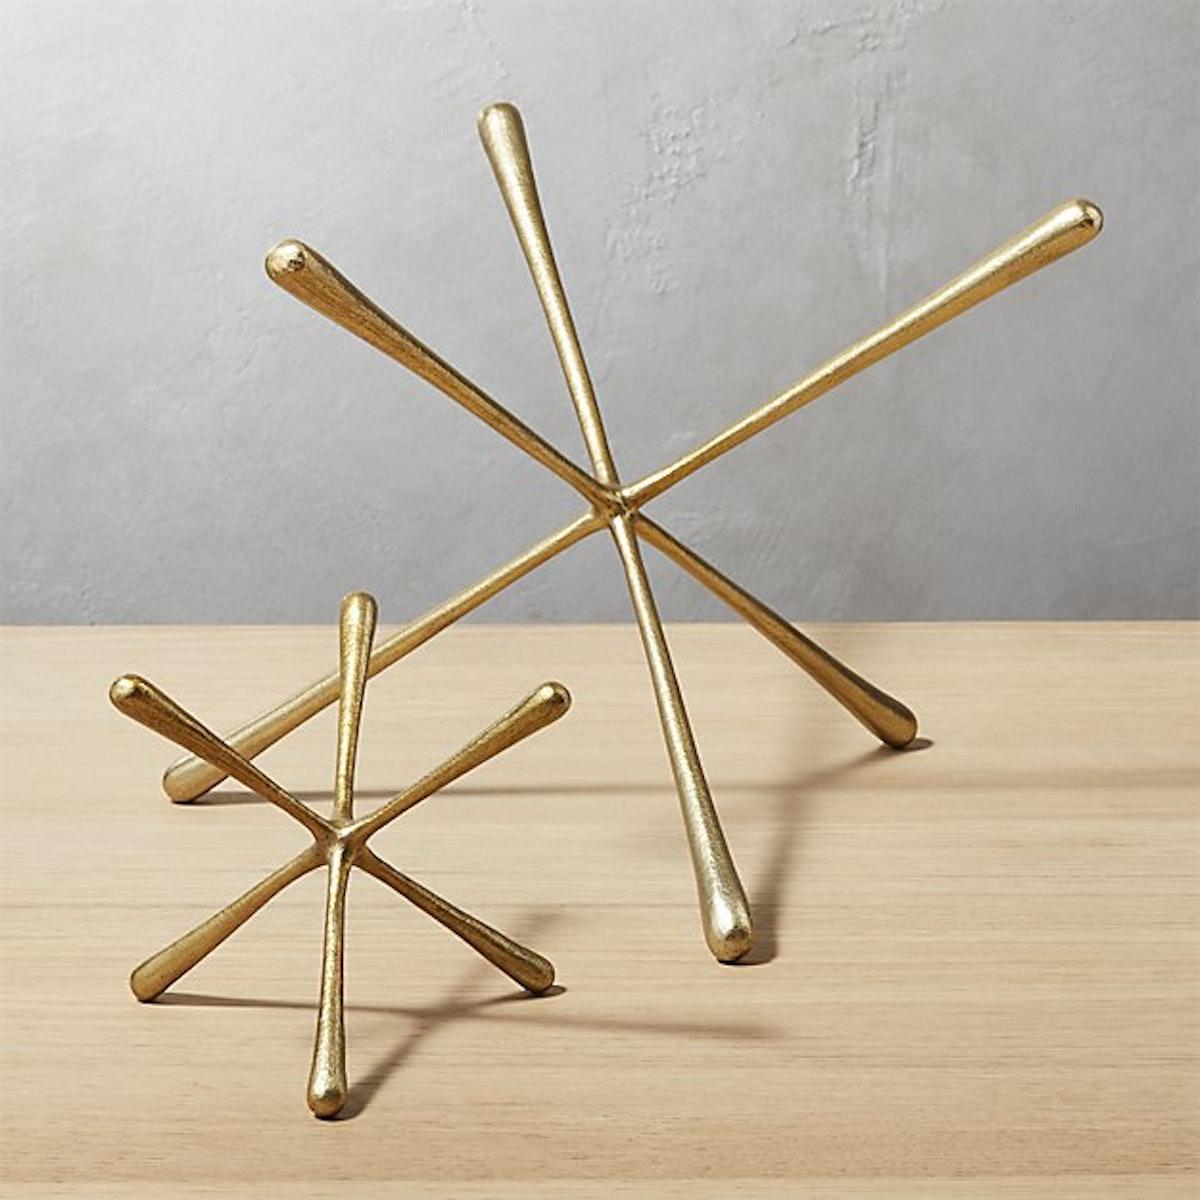 Adra Brass Decorative Objects